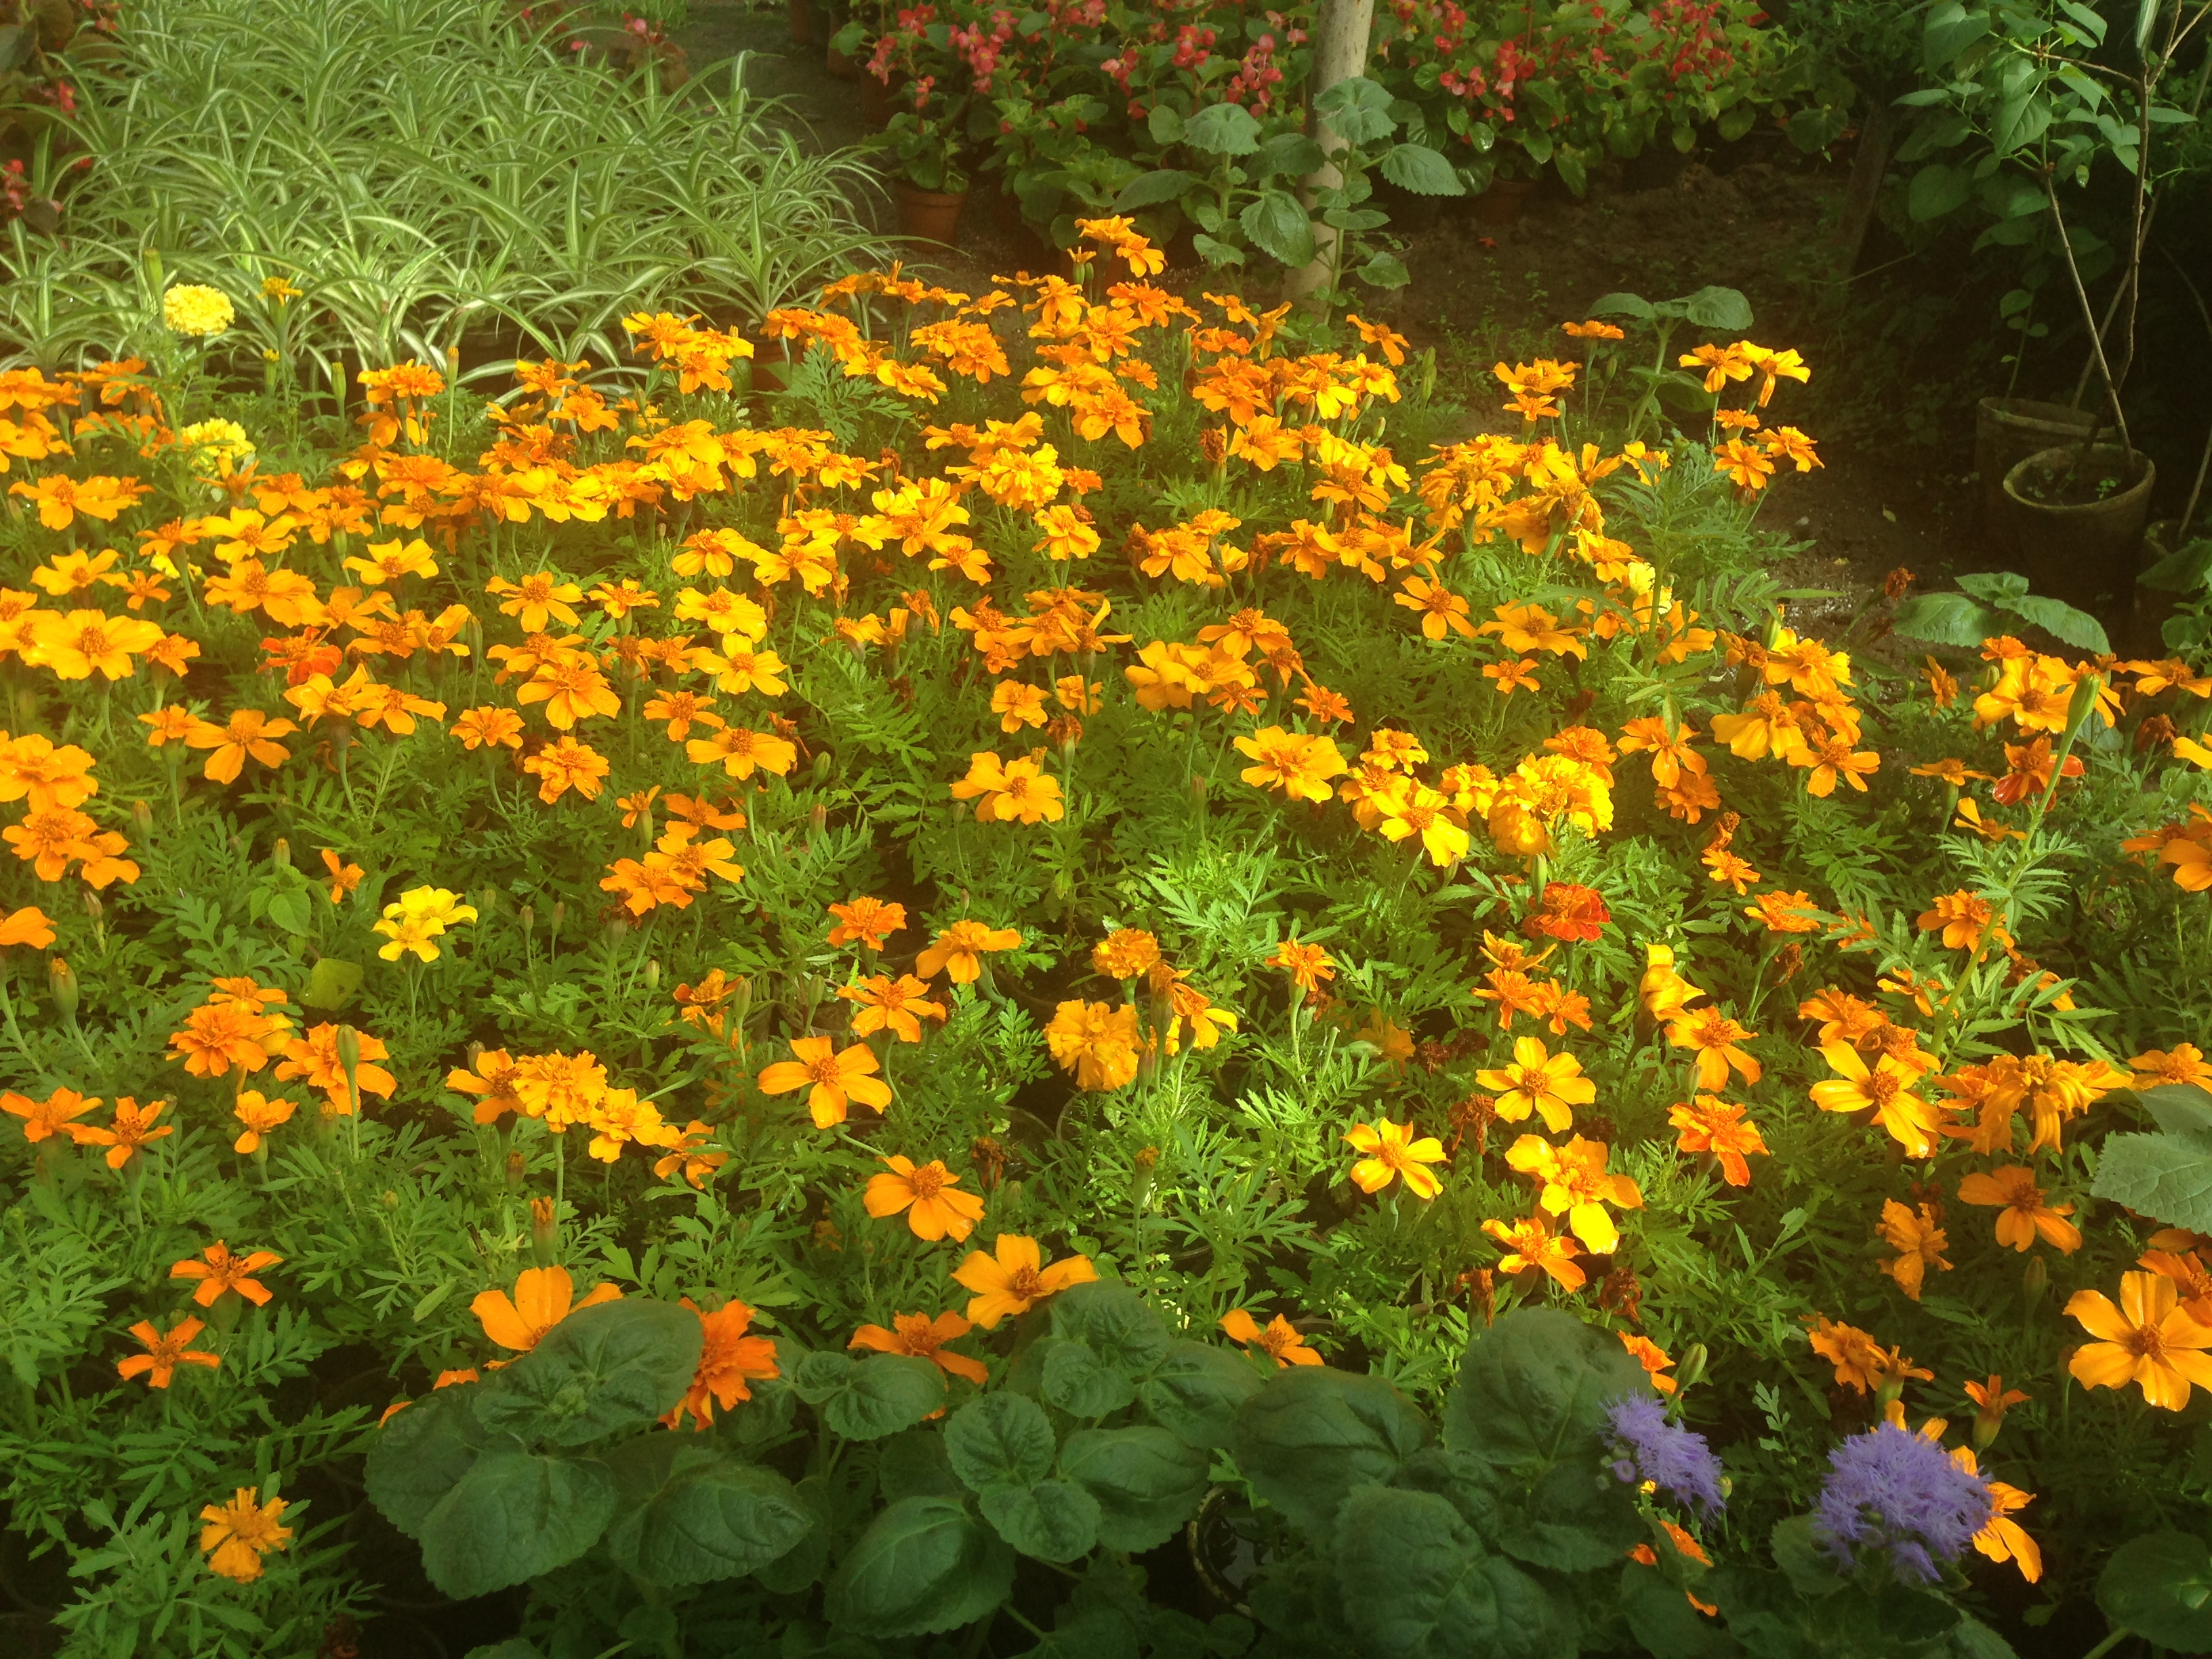 Цветы в саду и на даче многолетние и однолетние фото